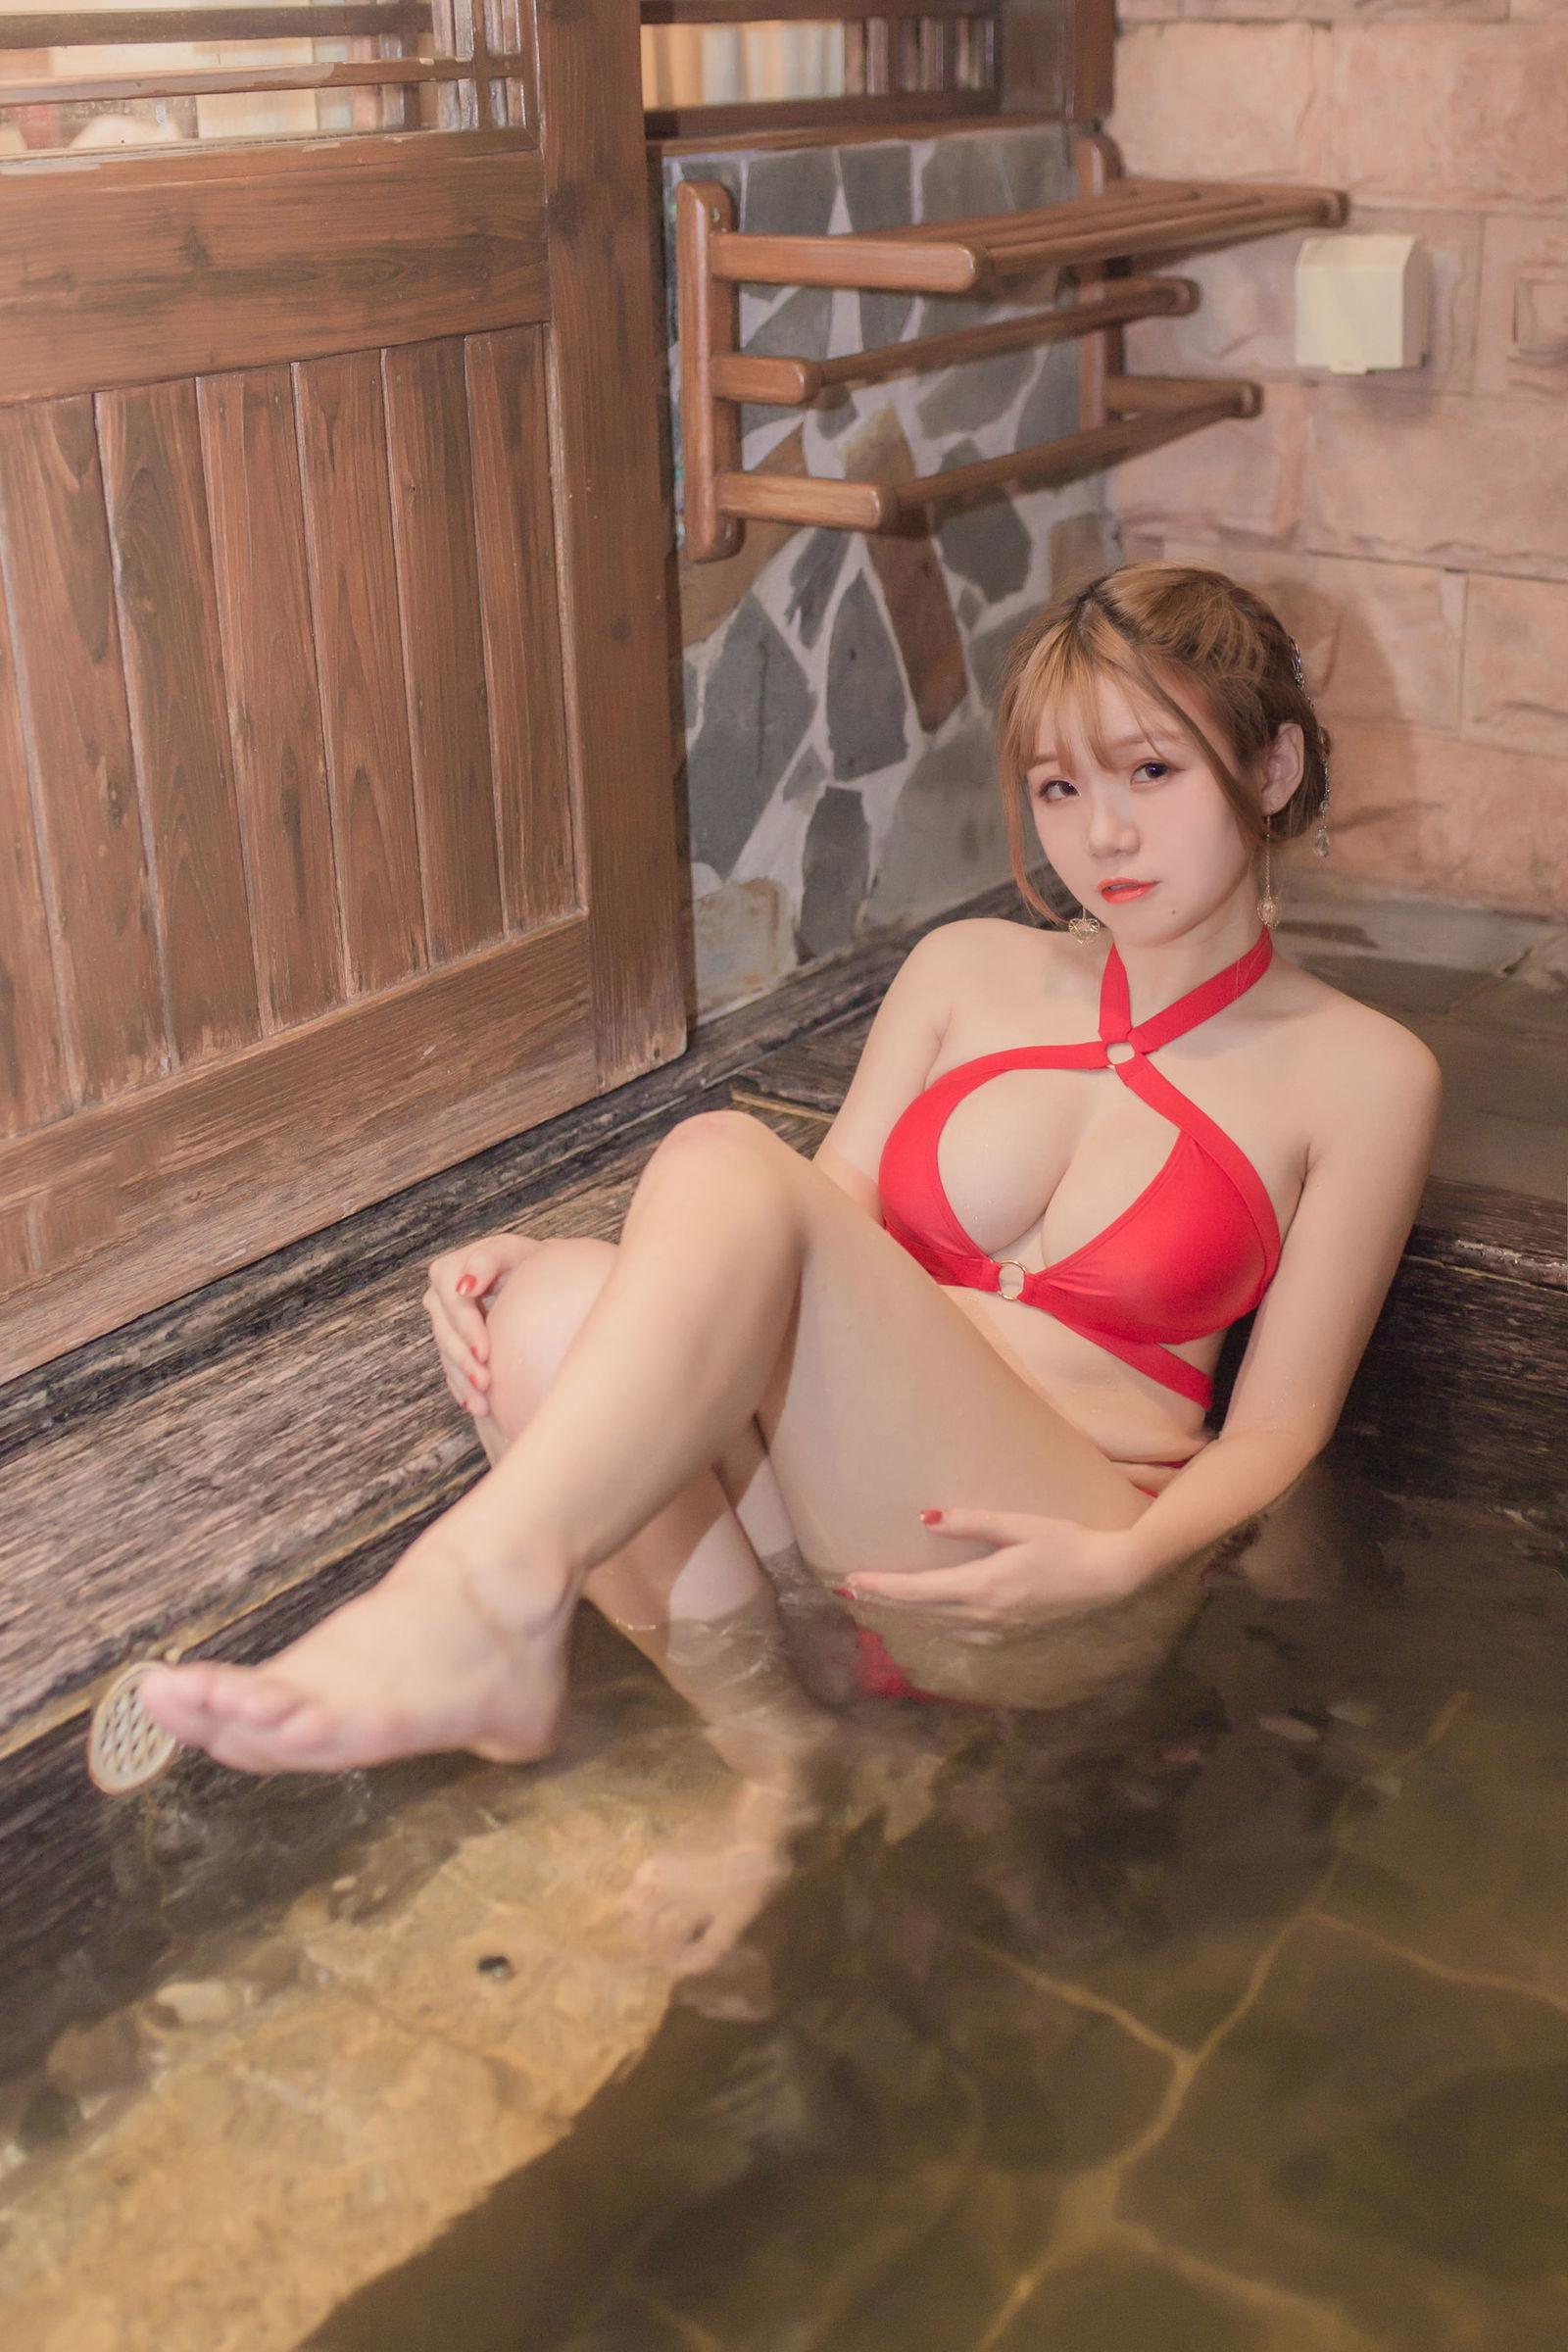 [网红COSER] Yoko宅夏Cos – 妹汤物语(泳装) 丝袜美图[55P]